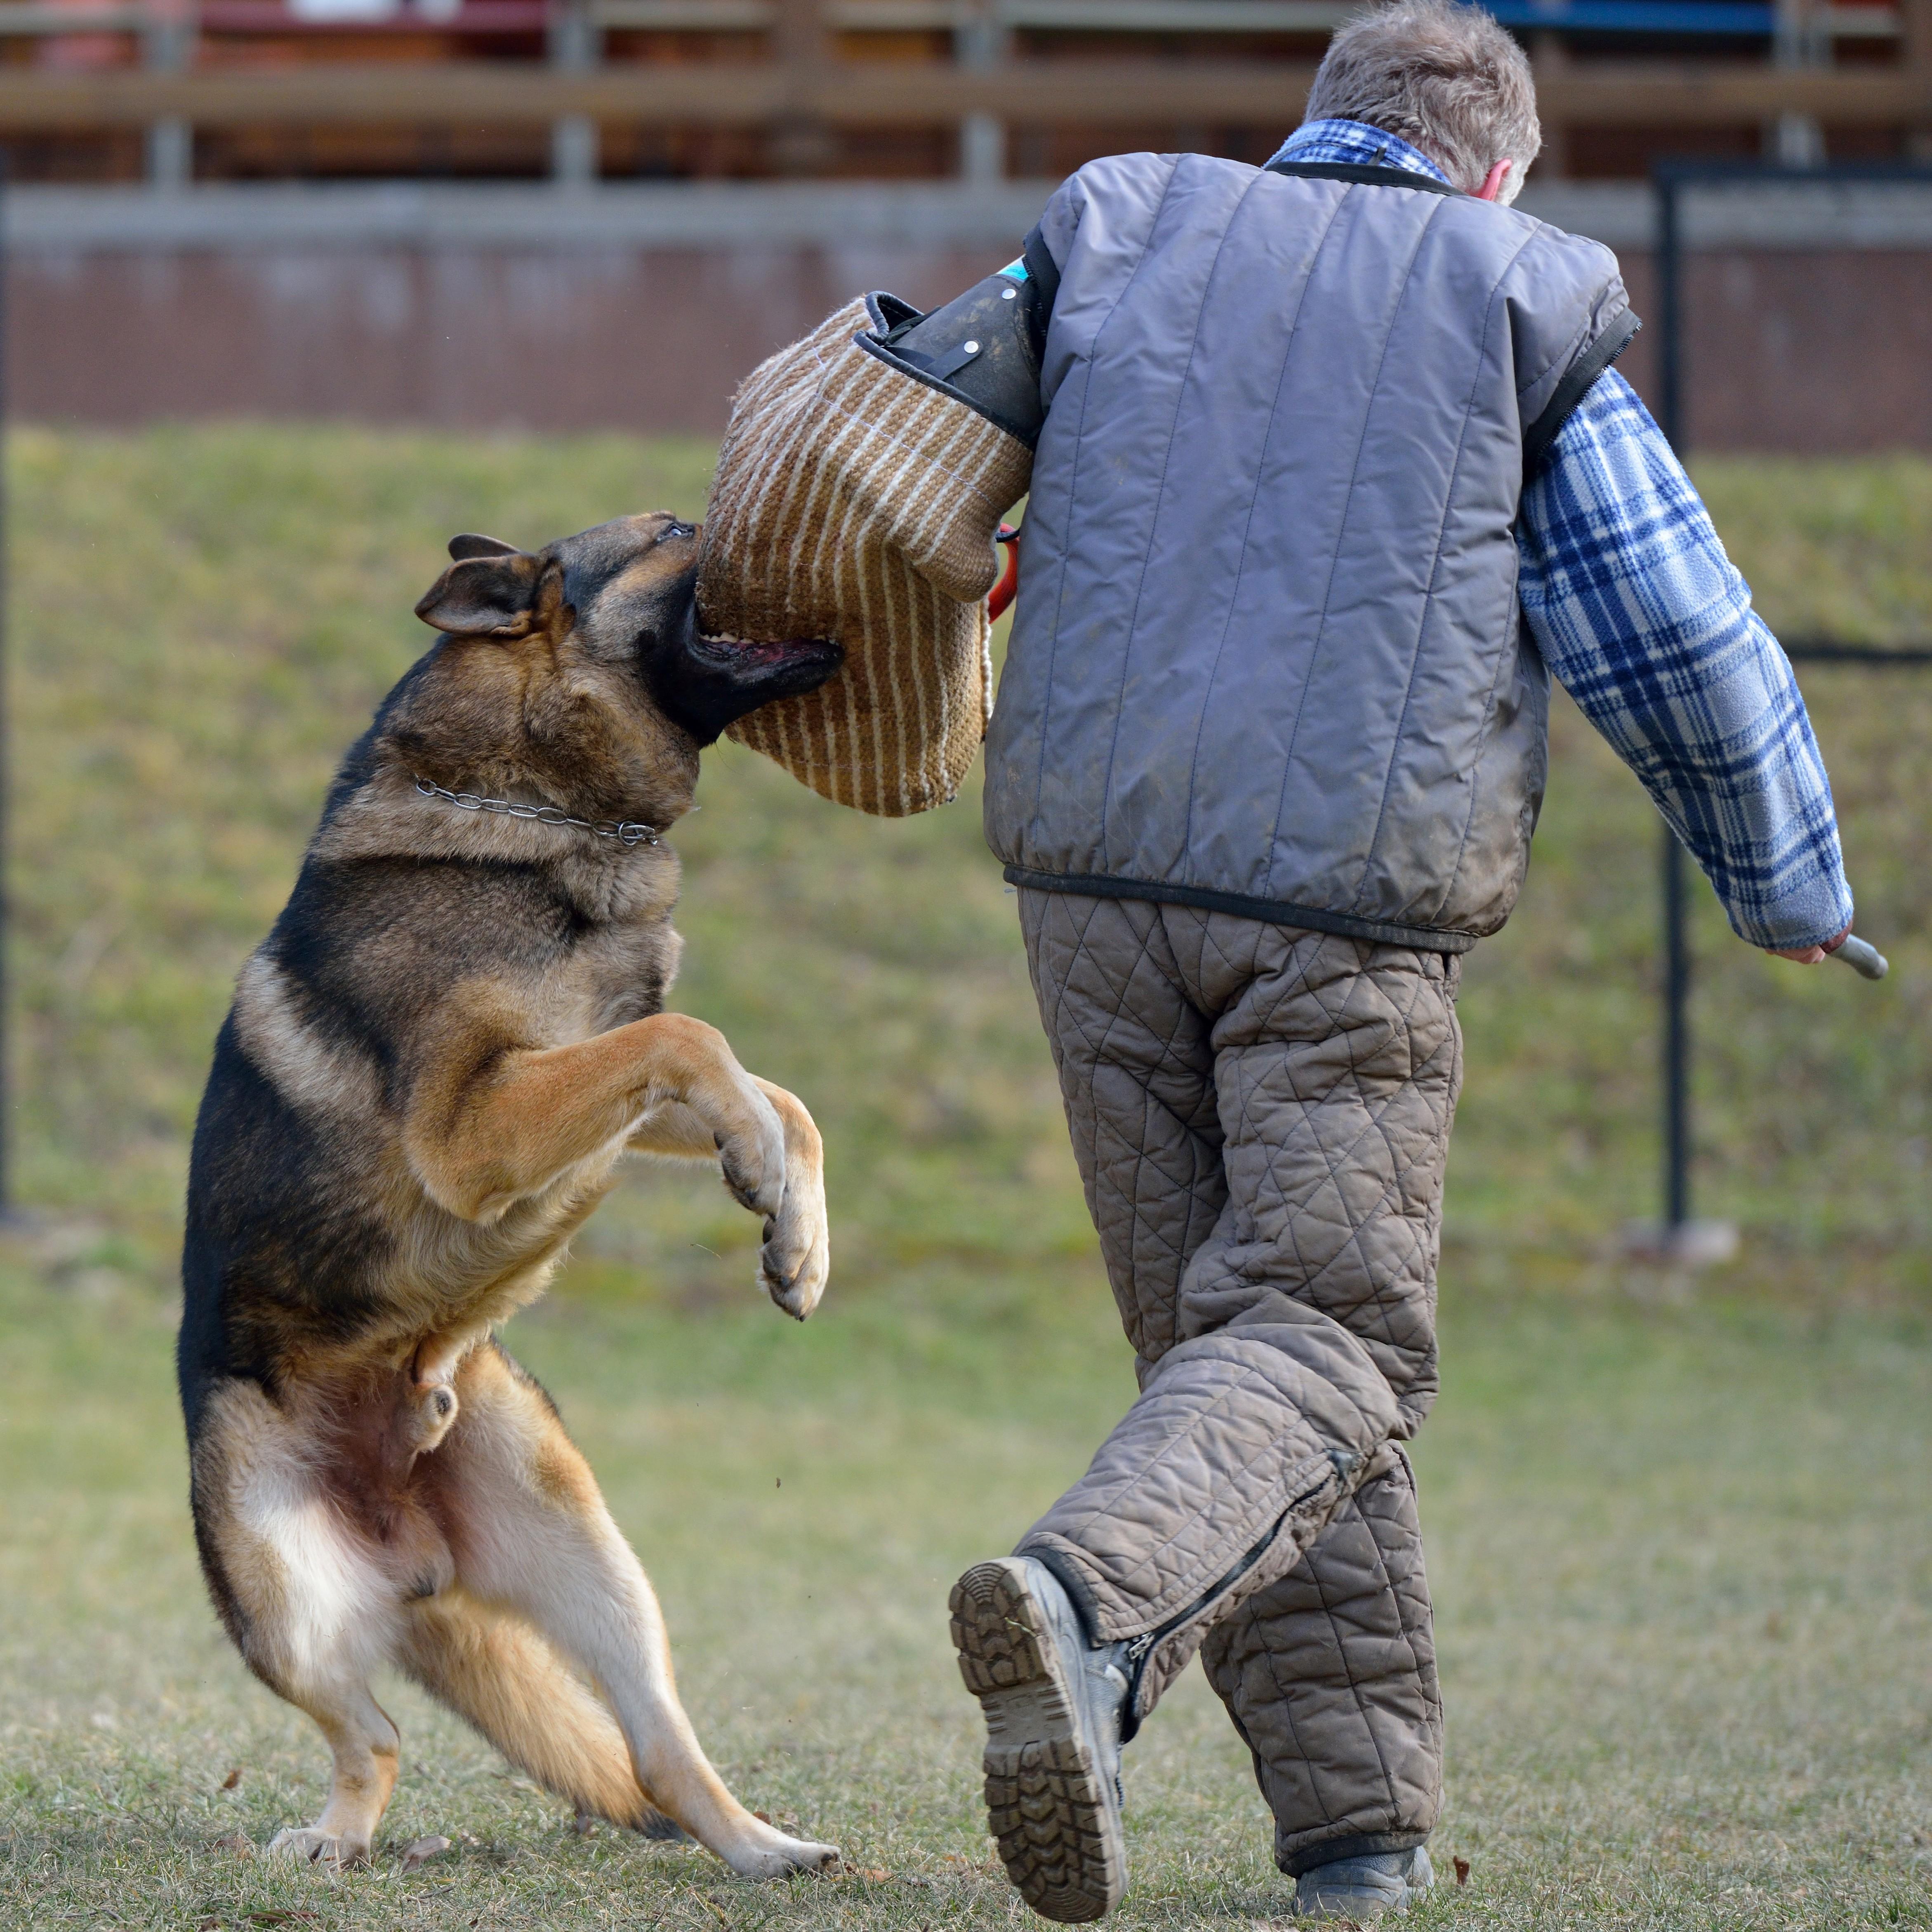 Do Dogs Ever Bite for No Reason?